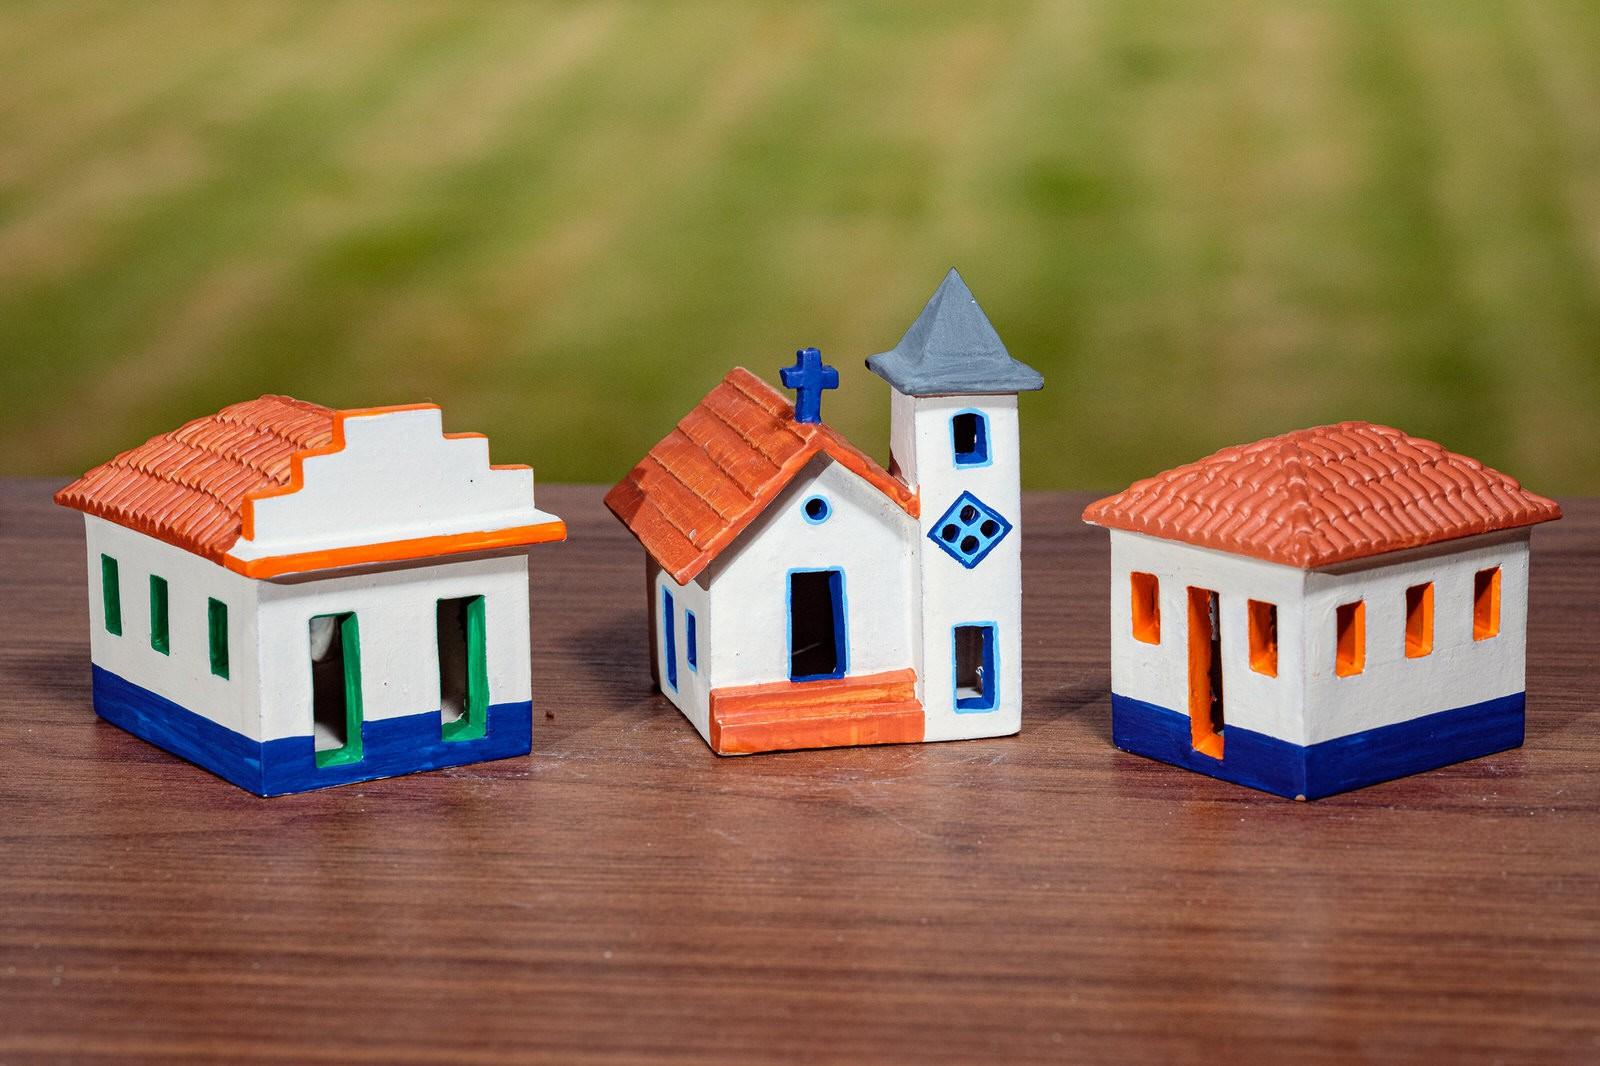 Kit Miniaturas em Barro I - Vale do Jequitinhonha